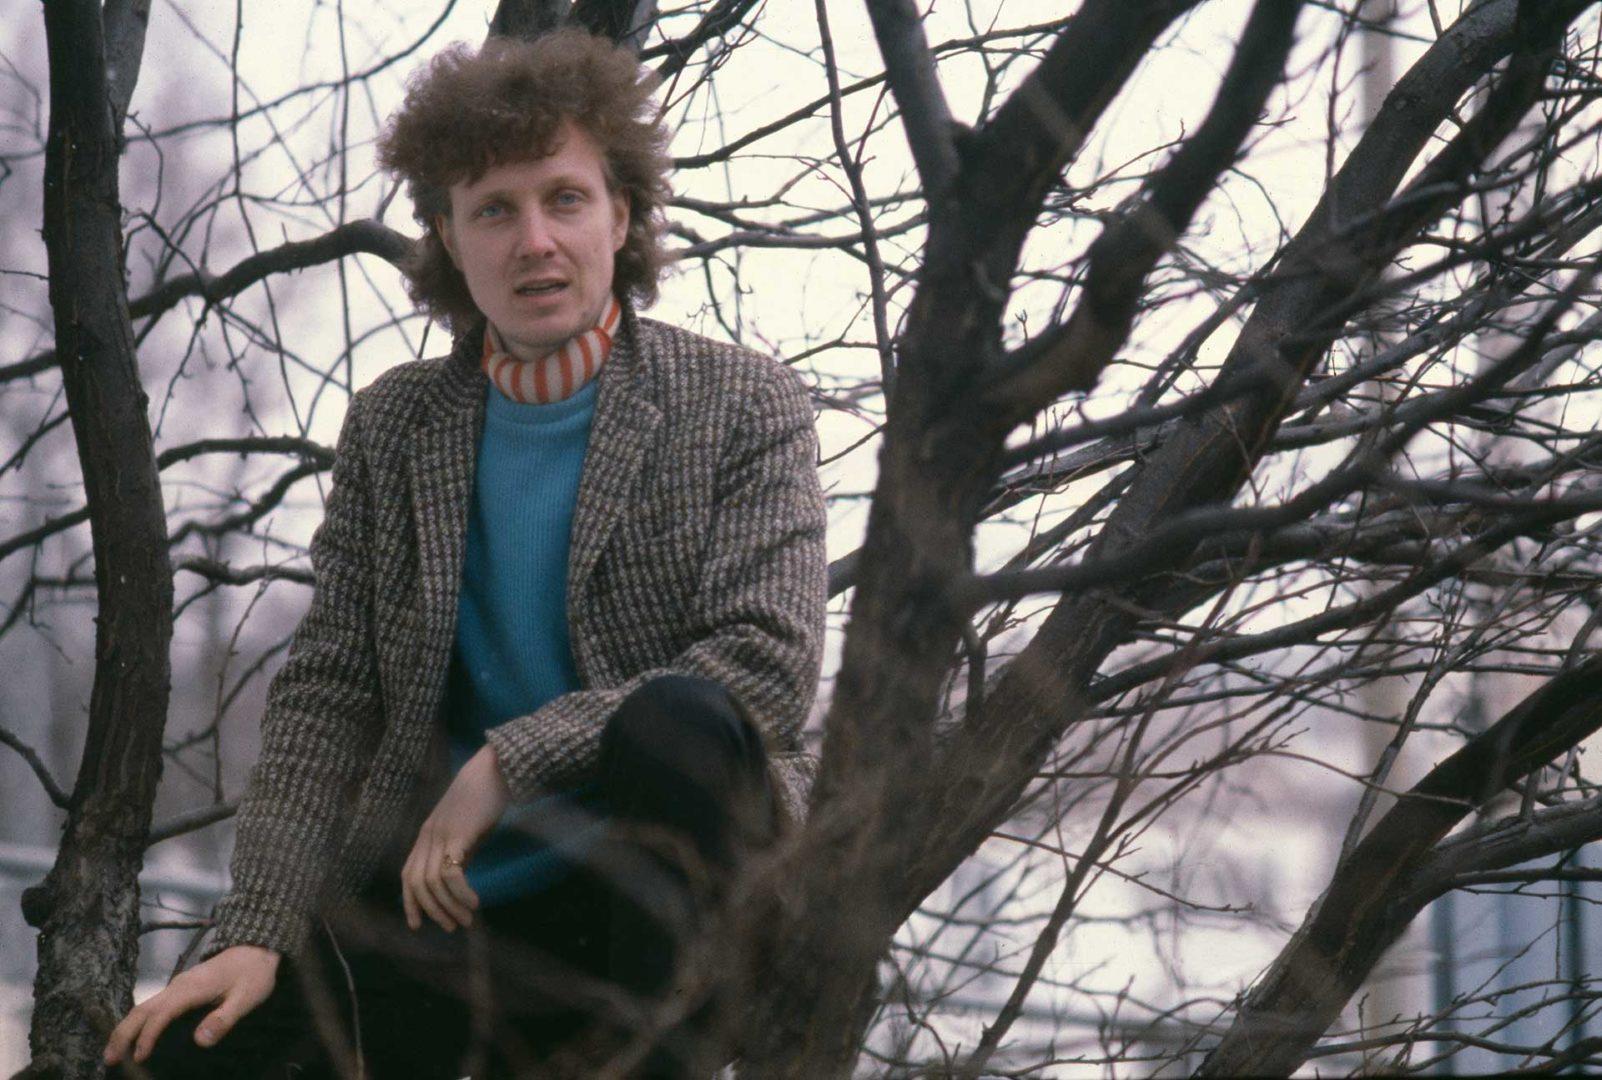 Pave Maijanen kiipesi puuhun Suosikin haastattelussa vuonna 1981. Maijanen oli jo tunnettu muusikko, mutta todelliset suursuosion vuodet olivat vielä edessäpäin.